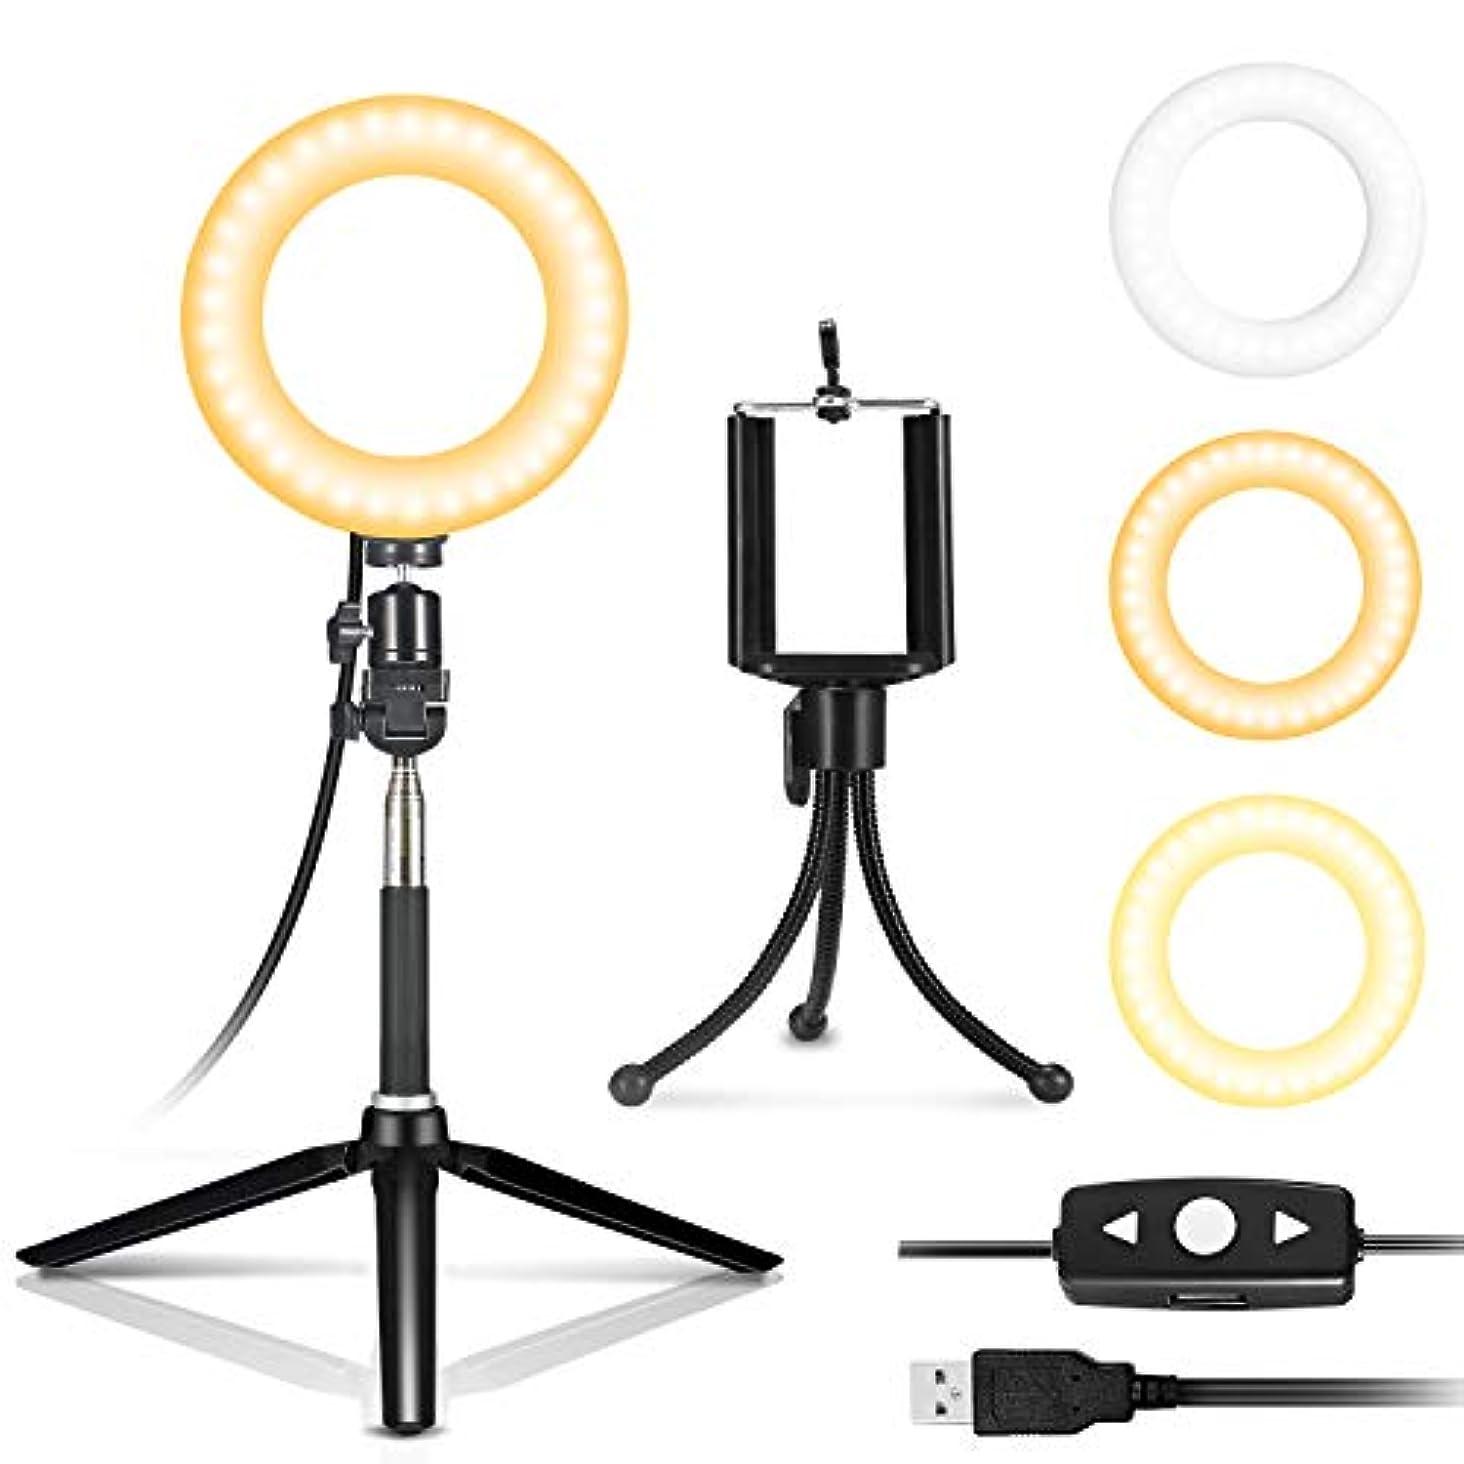 節約特に余分なIDESION 自撮り補助セルフィー LEDライト ミラー 女優ライト 6インチ円形 3色調節可能 リモコン付き ハリウッドライト USB給電 日本語説明書付き